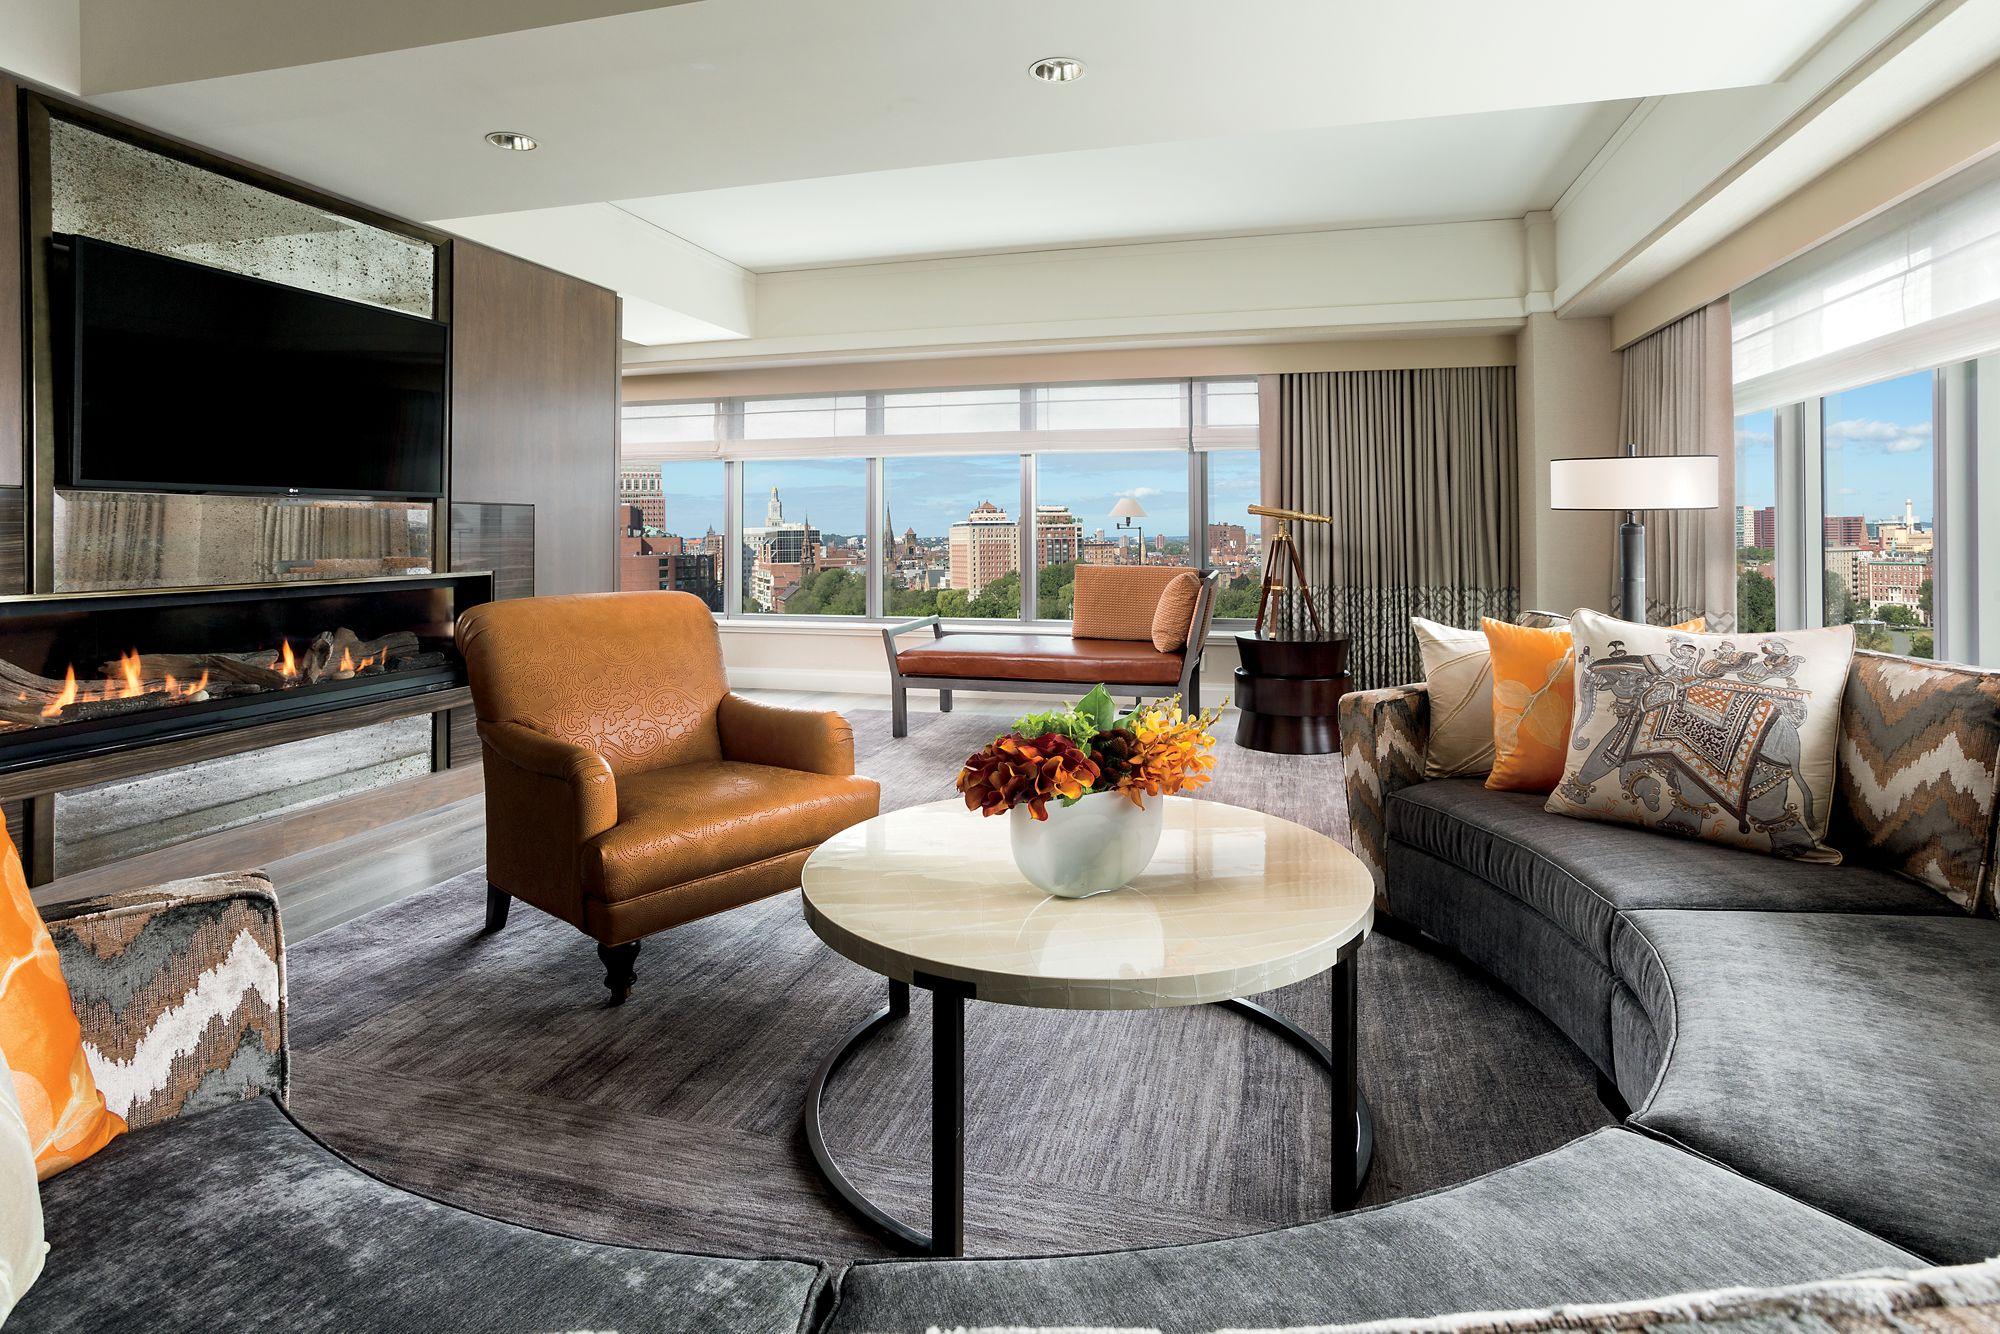 The Ritz-Carlton, Boston image 2